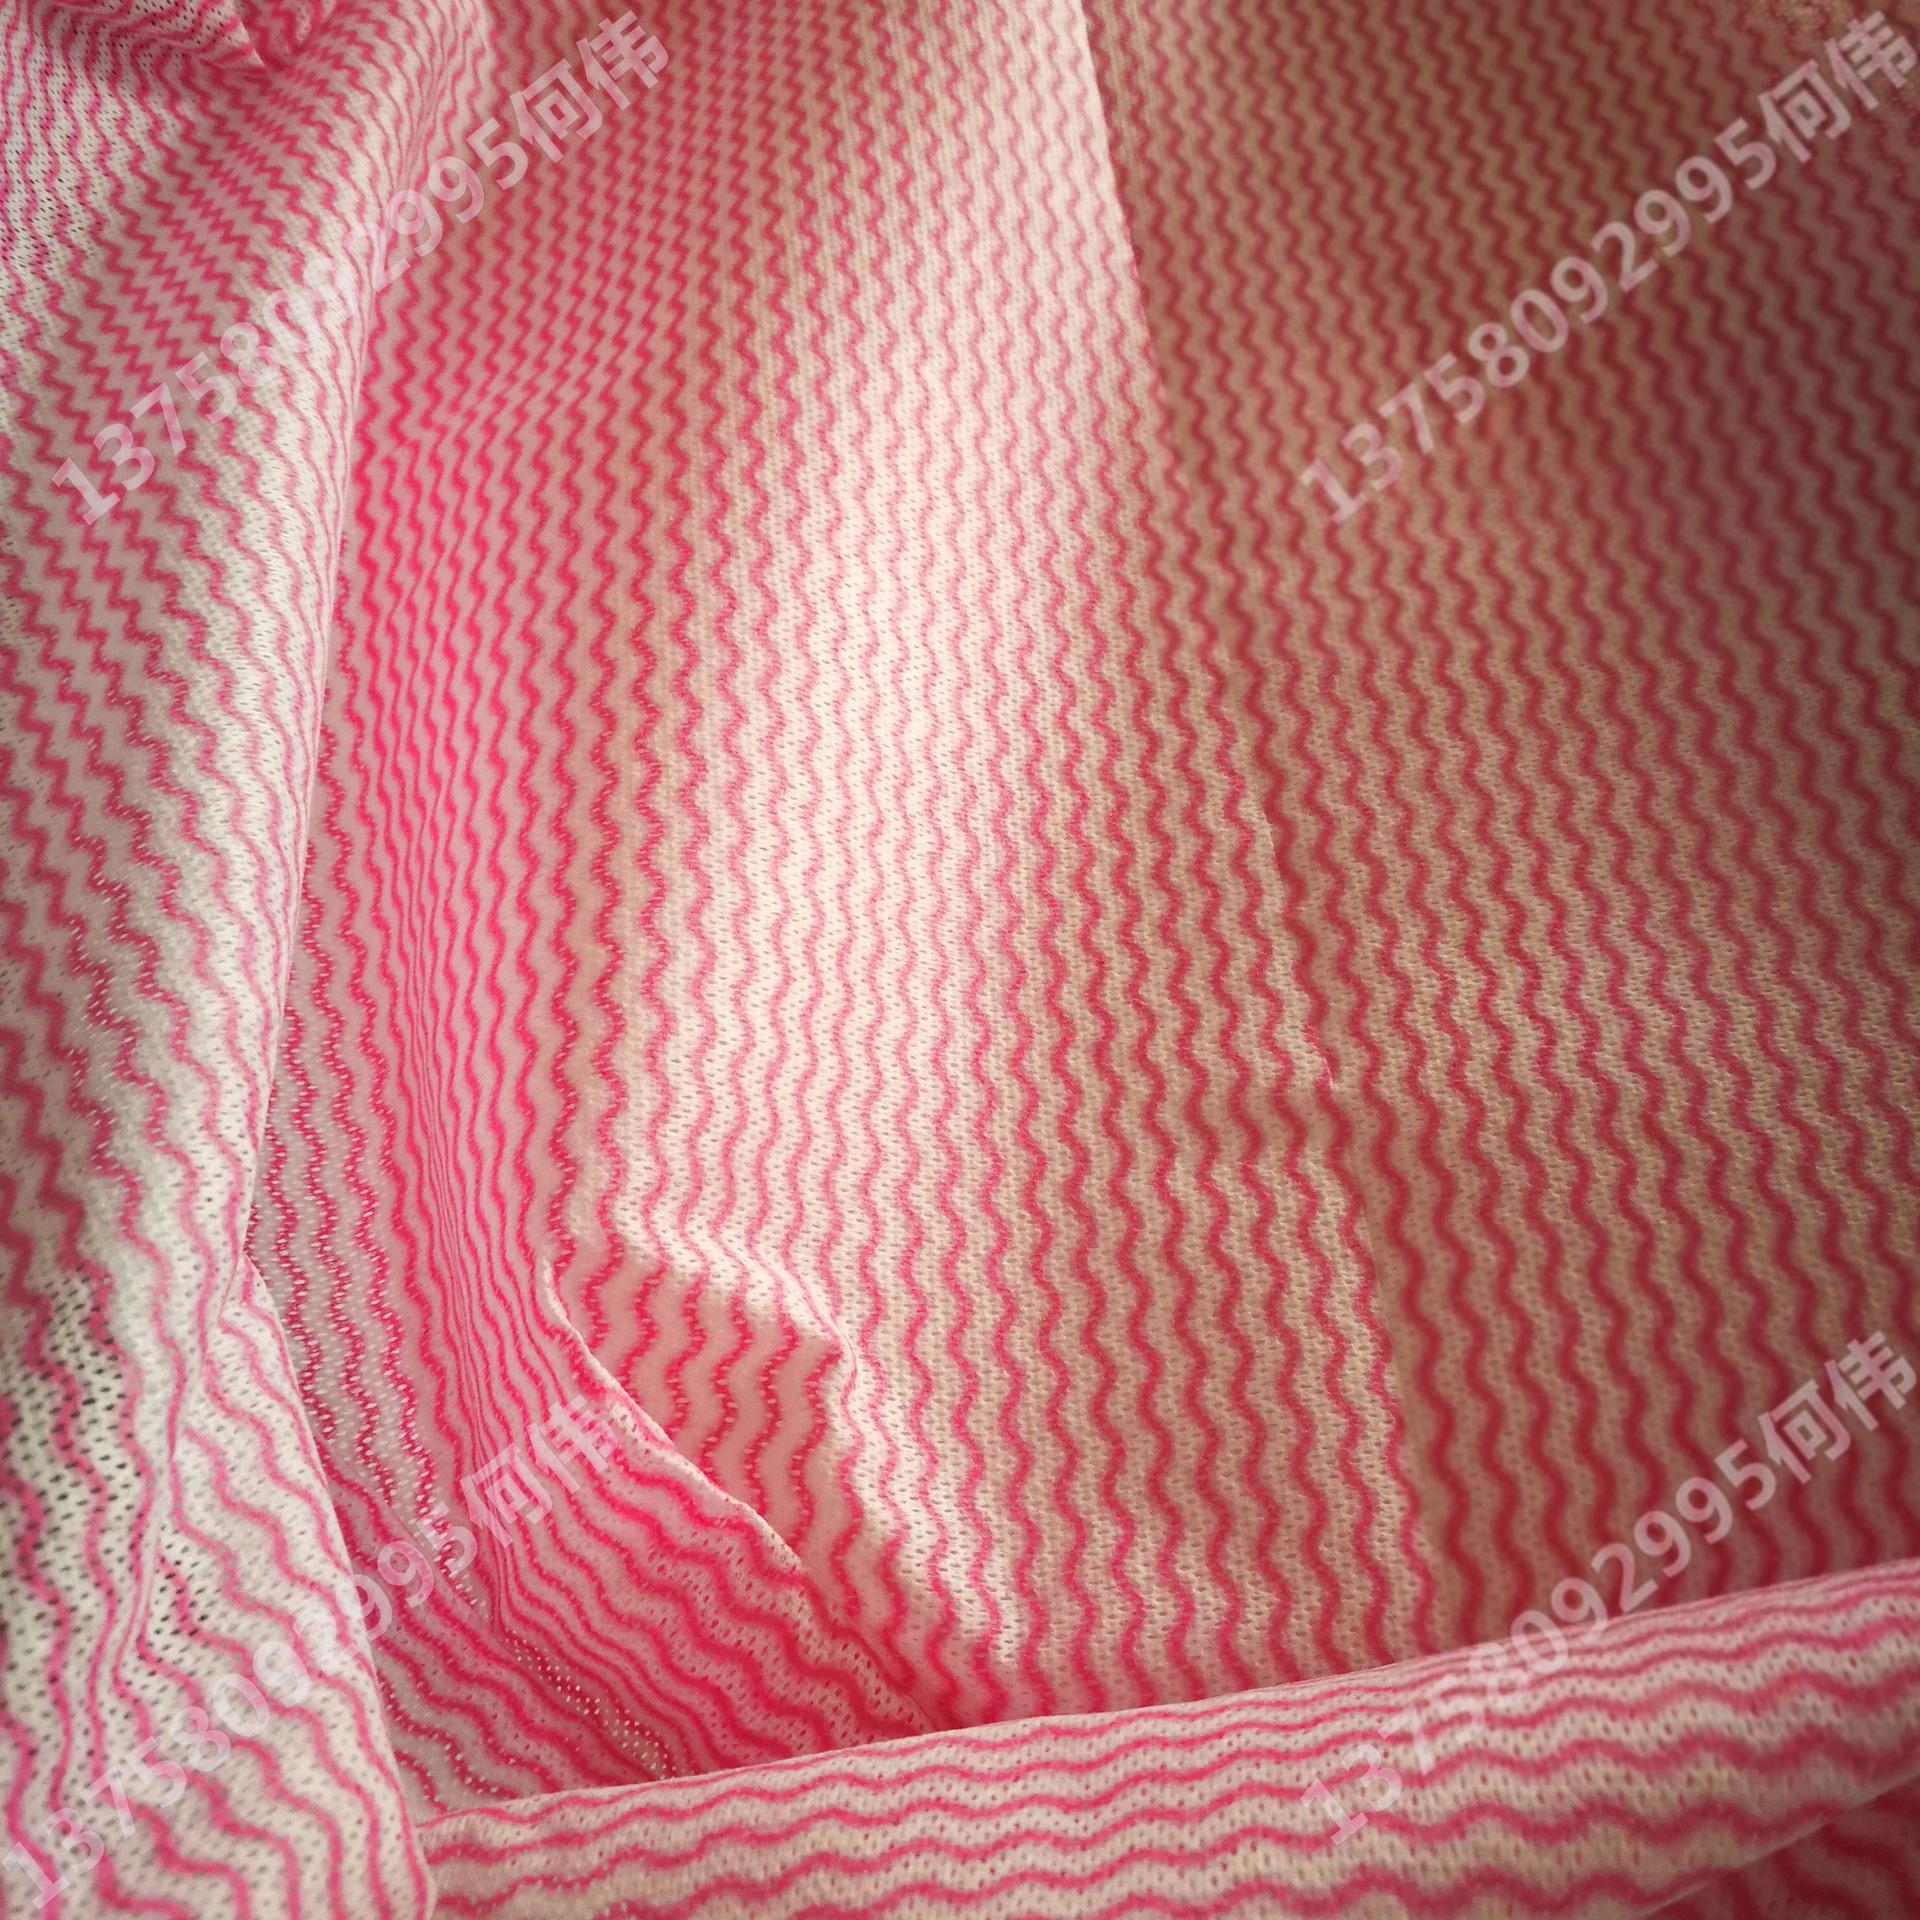 擦布水刺布